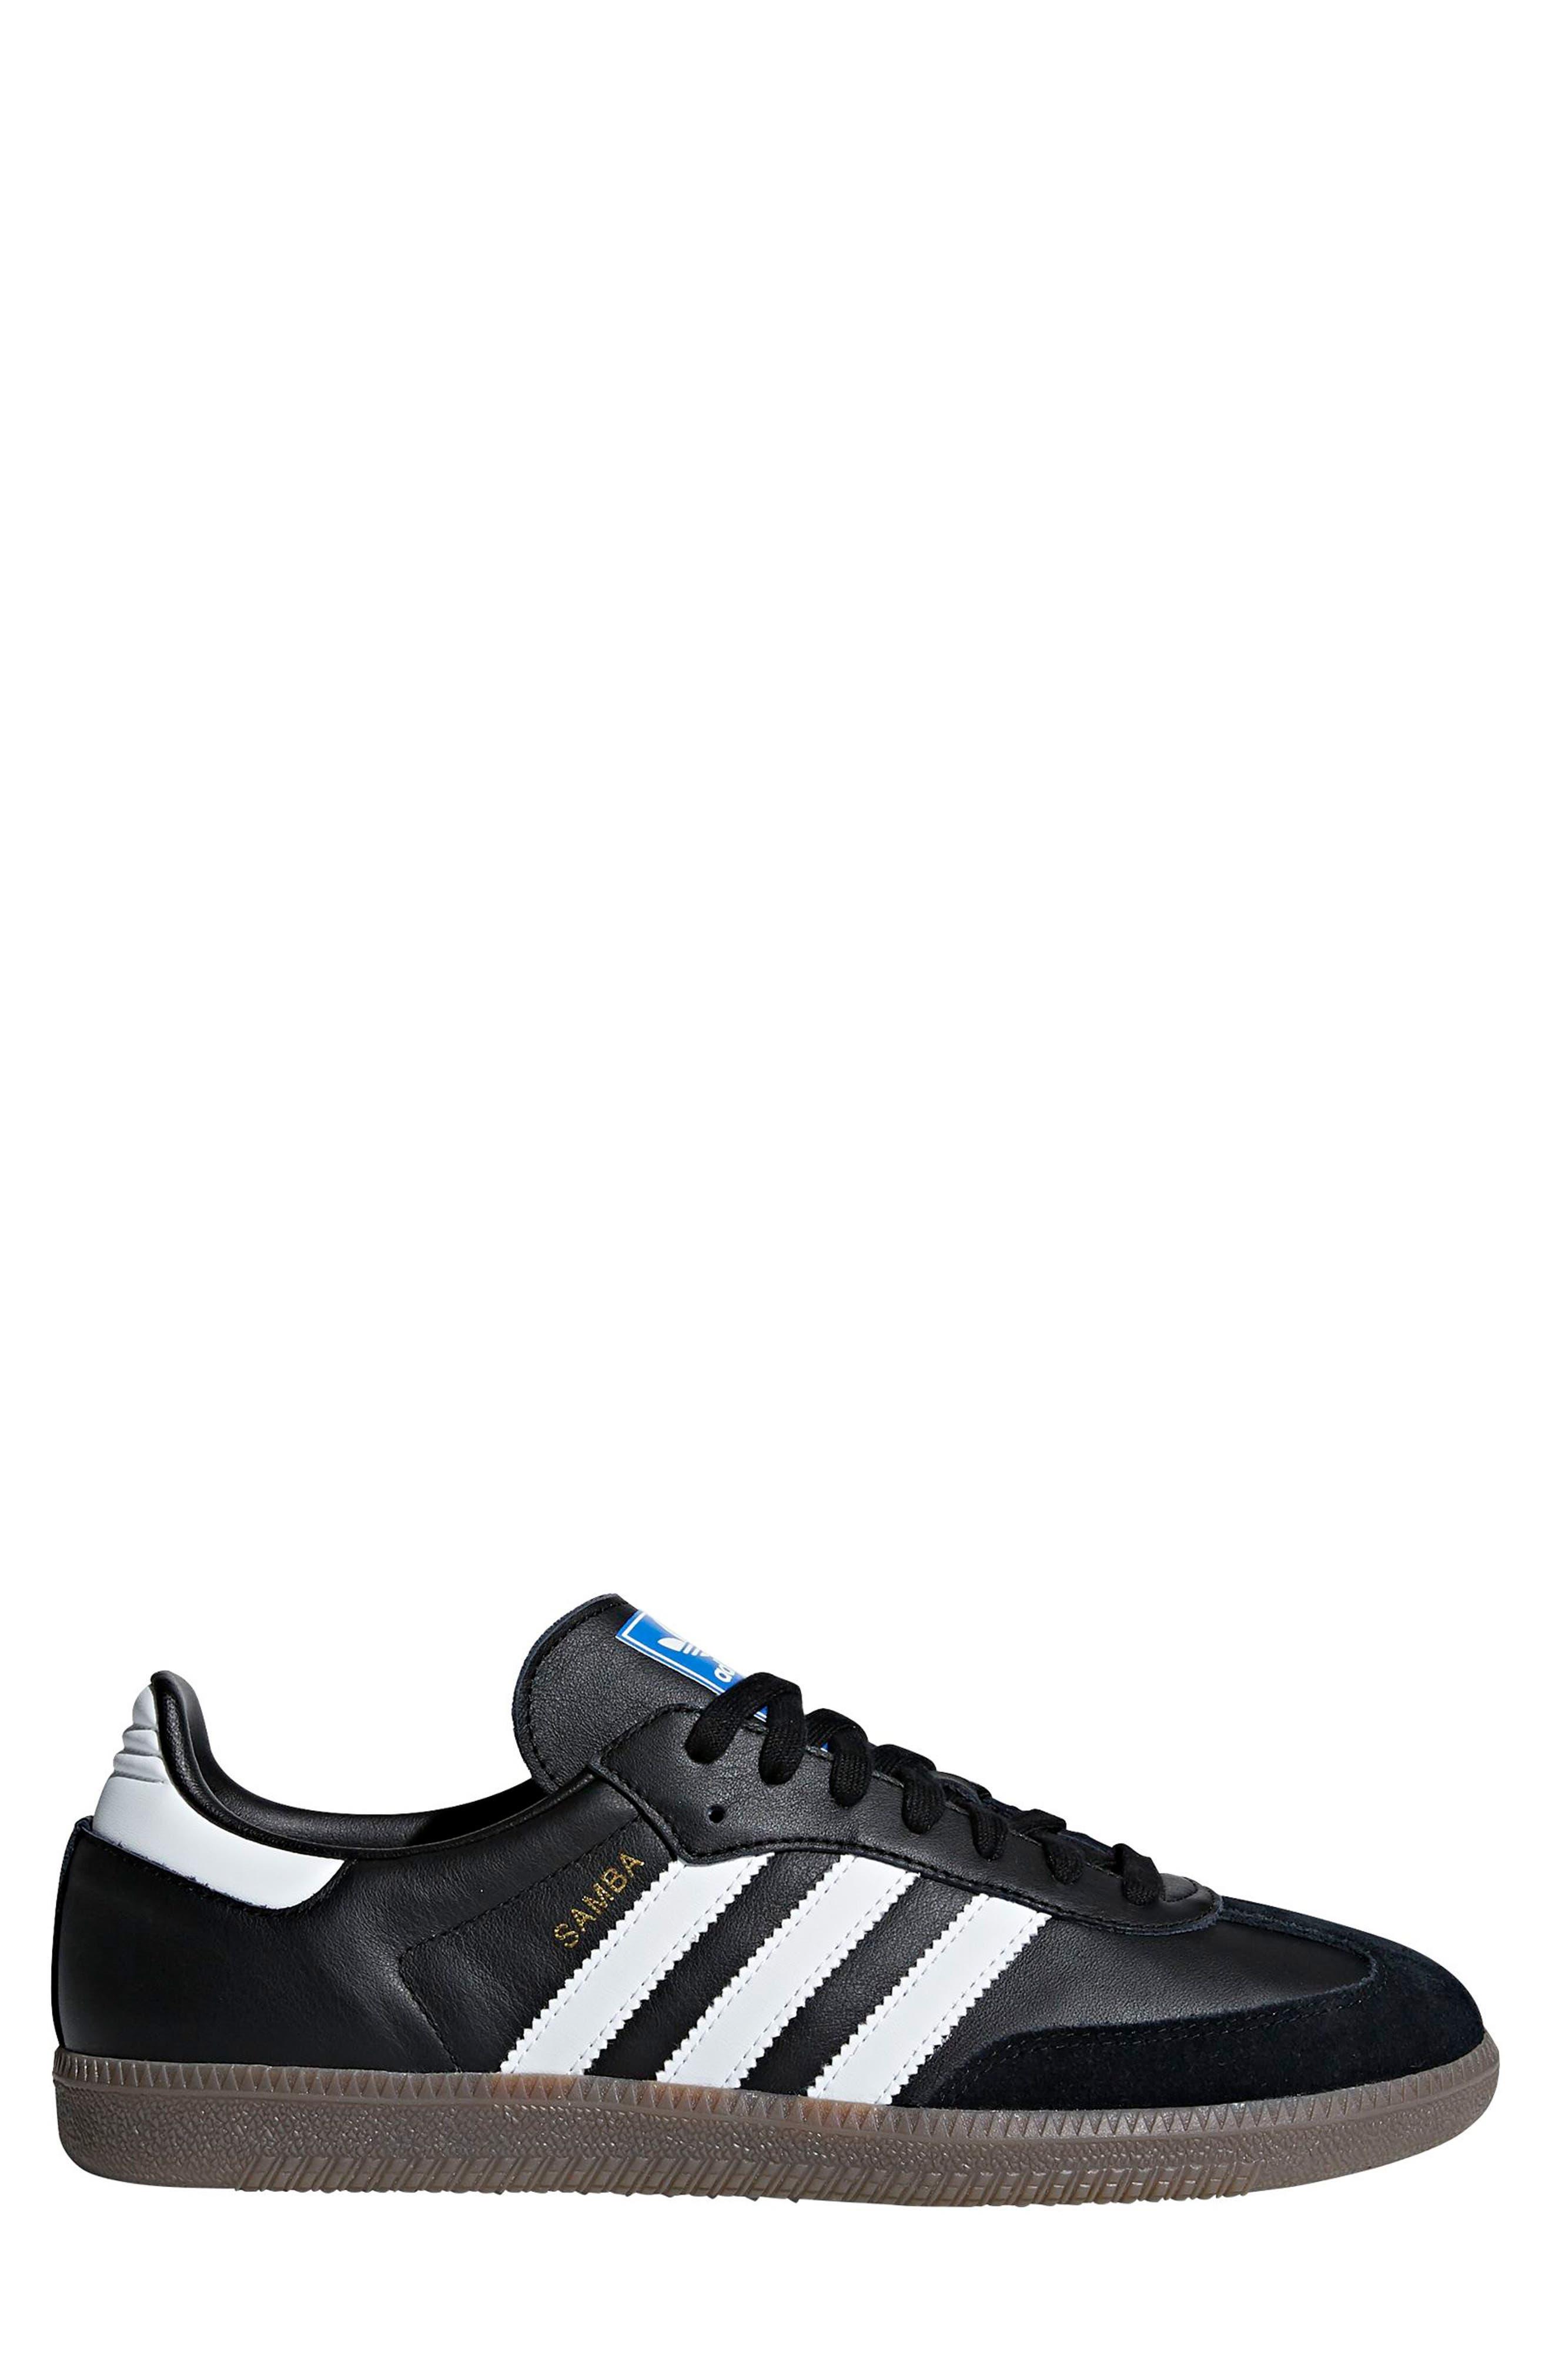 Samba OG Sneaker,                             Main thumbnail 1, color,                             BLACK/ WHITE/ GUM